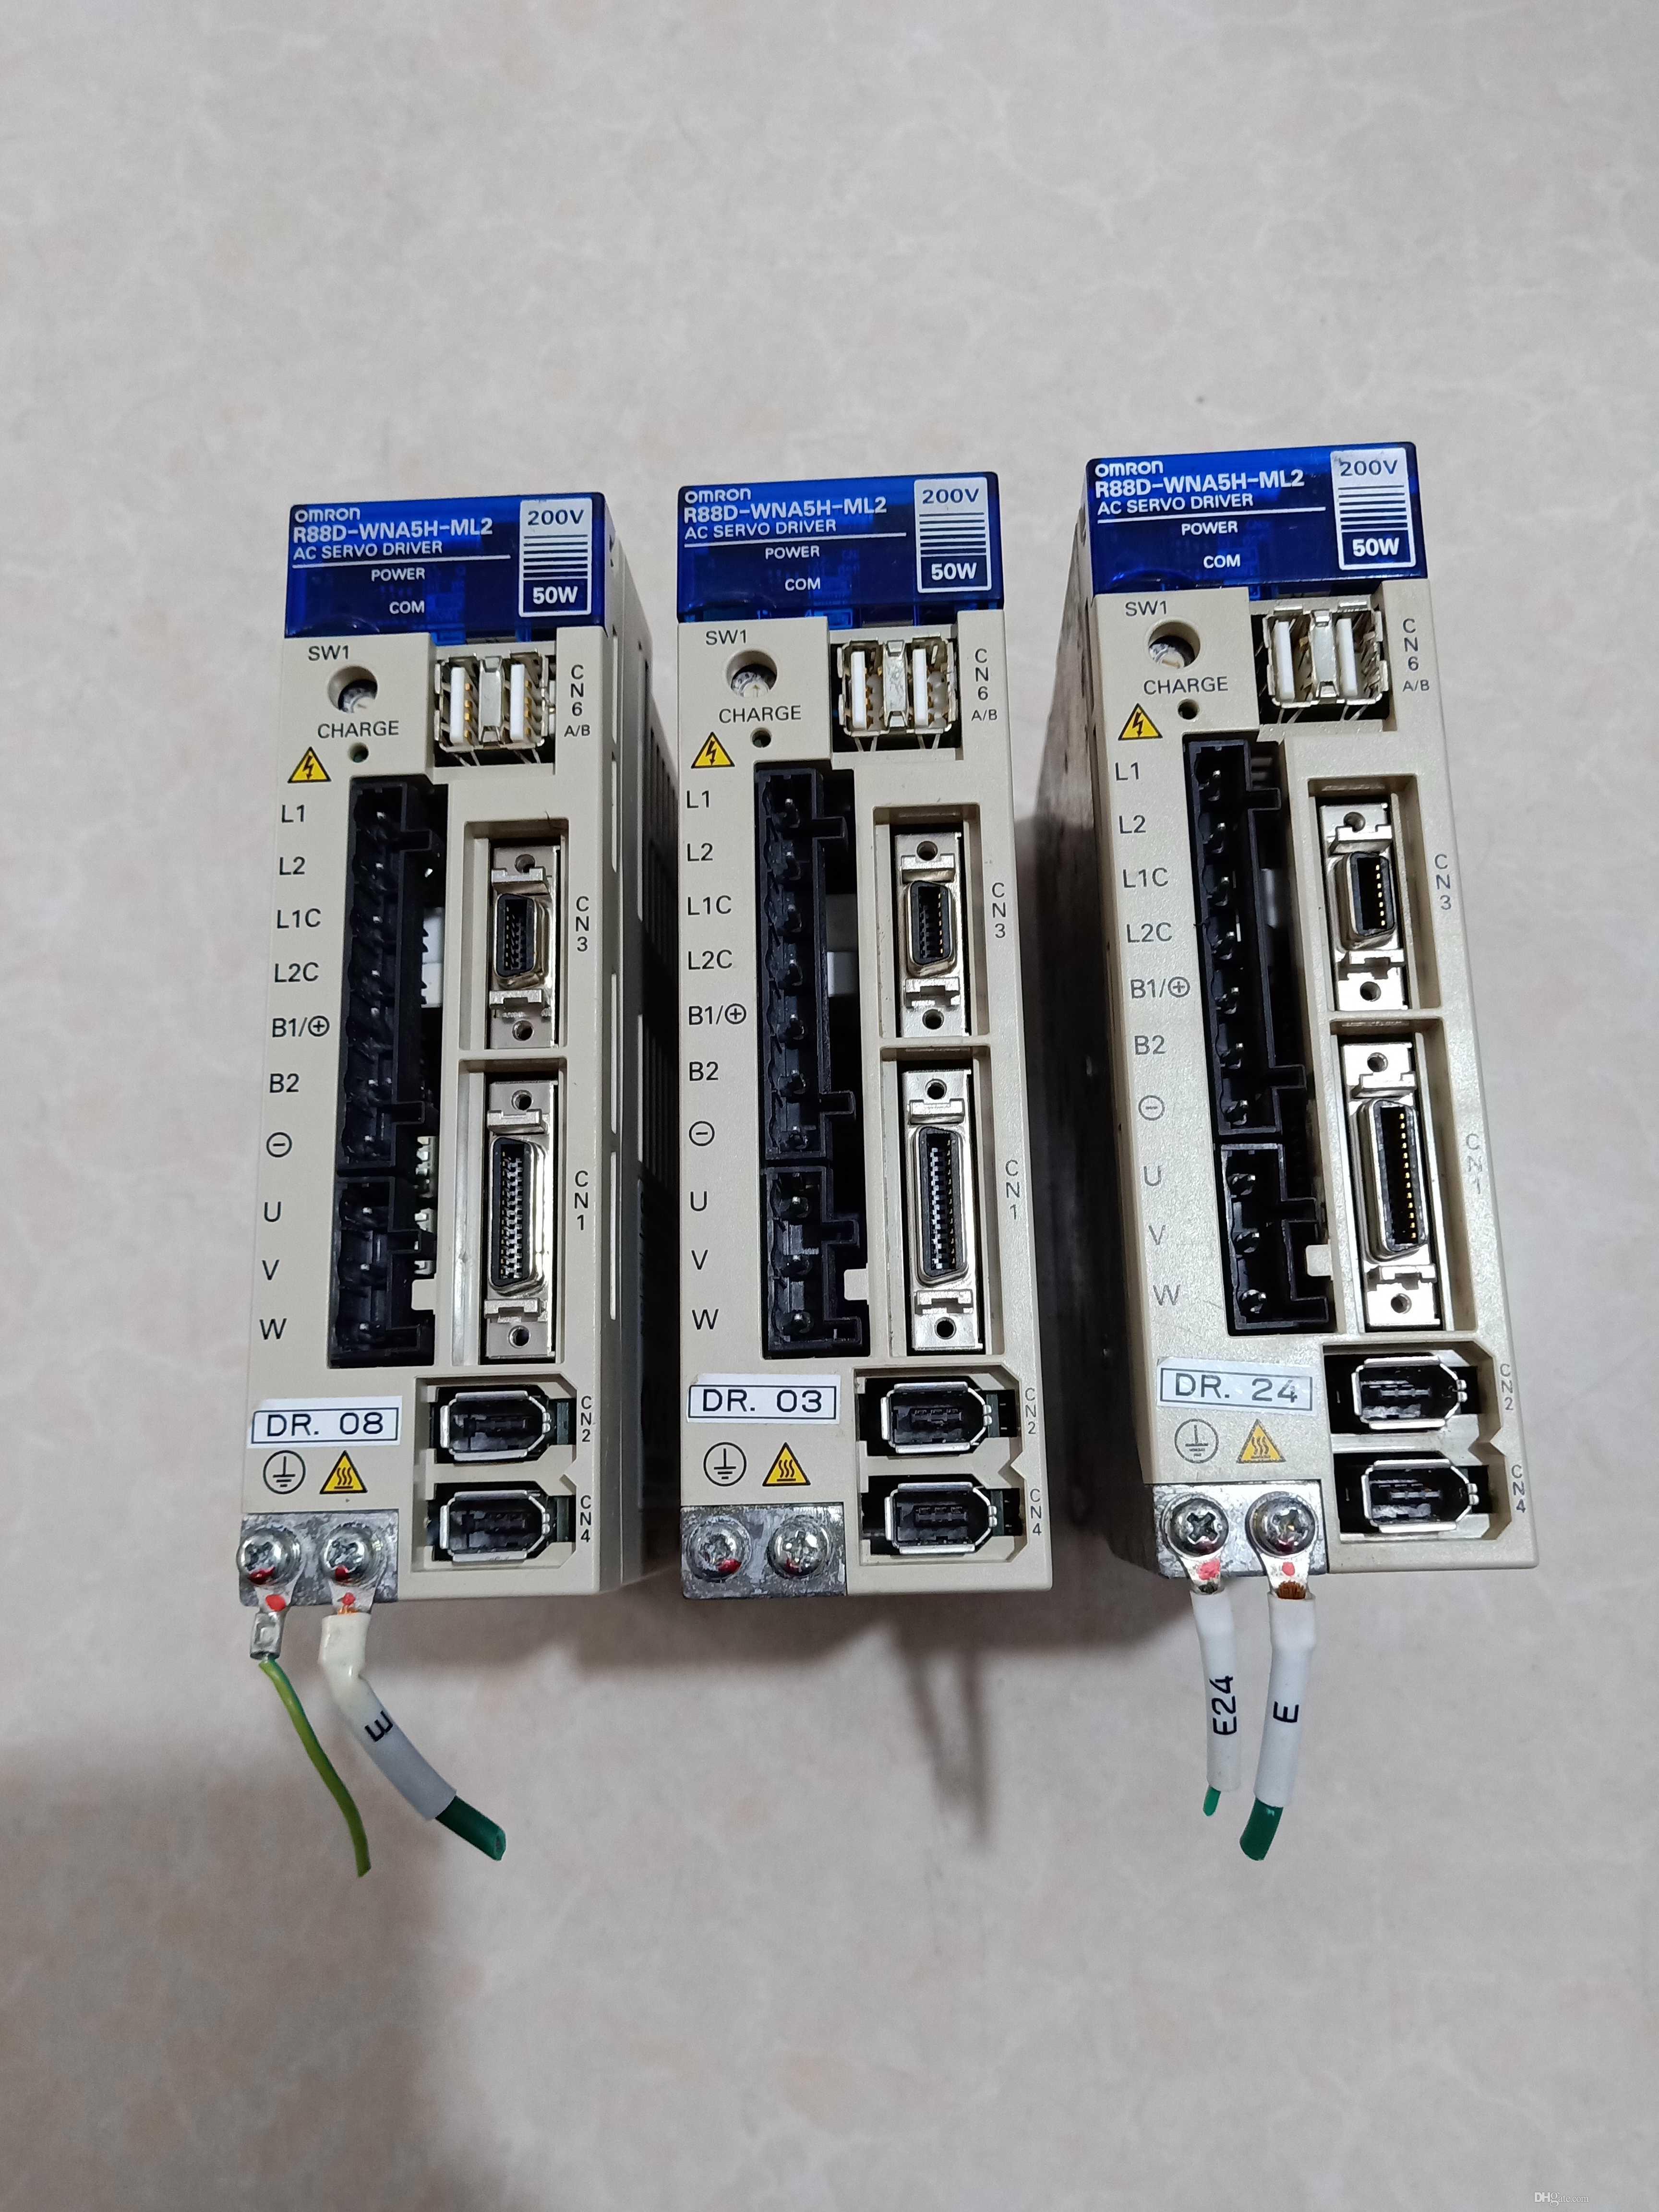 1 PC Omron Servo Drive R88D-WNA5H-ML2 Teste Usado Em Bom Estado Por Favor entre em contato conosco verificar Estoque e Preço Antes do Pagamento